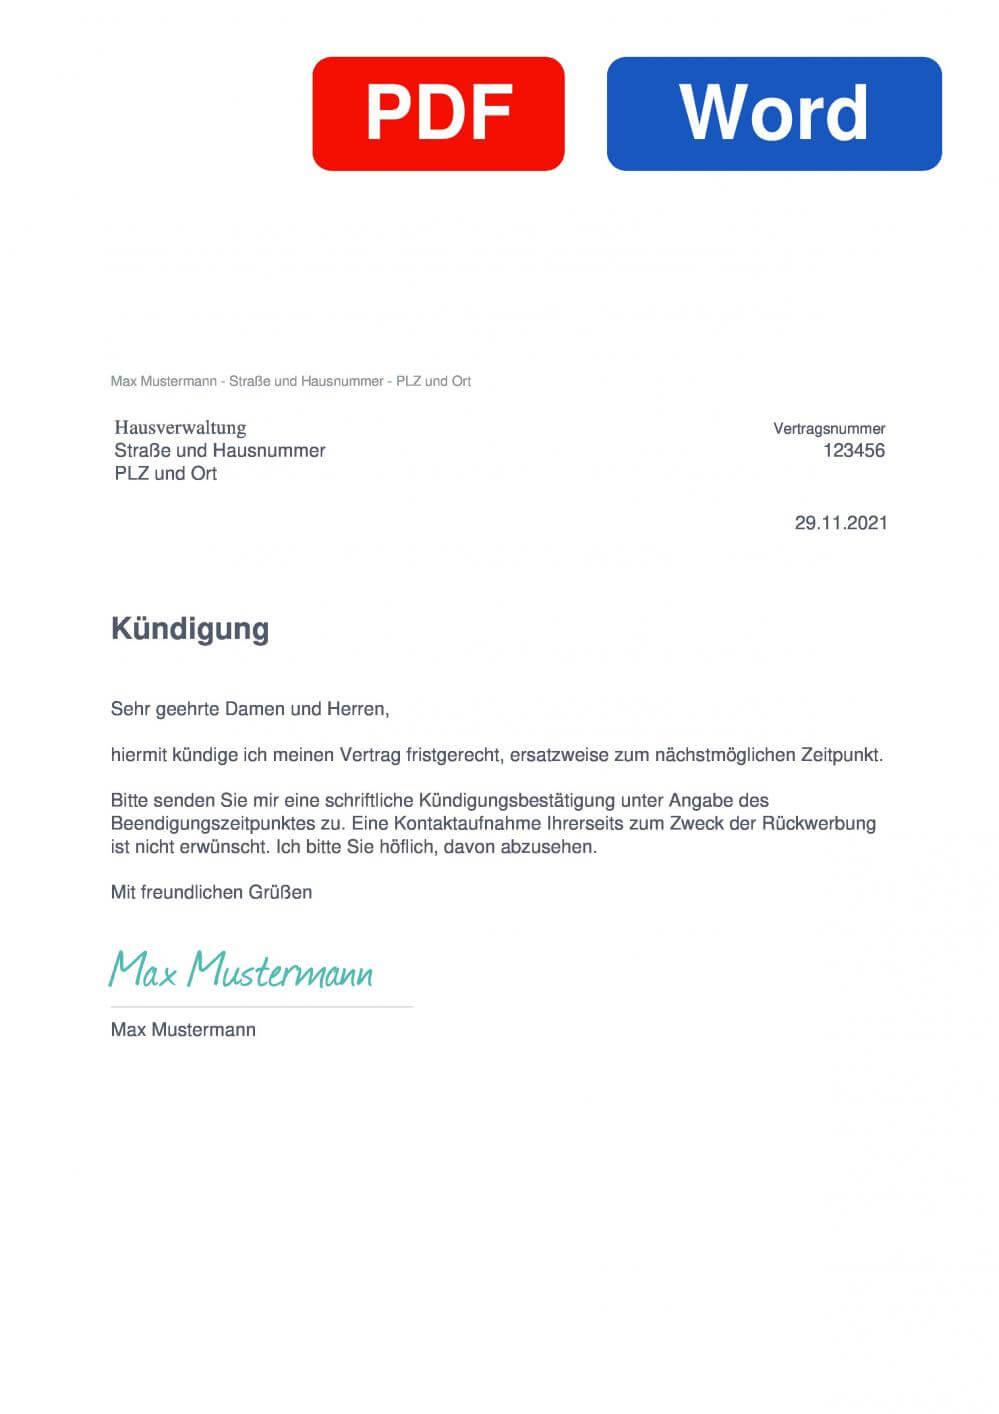 Hausverwaltung Muster Vorlage für Kündigungsschreiben